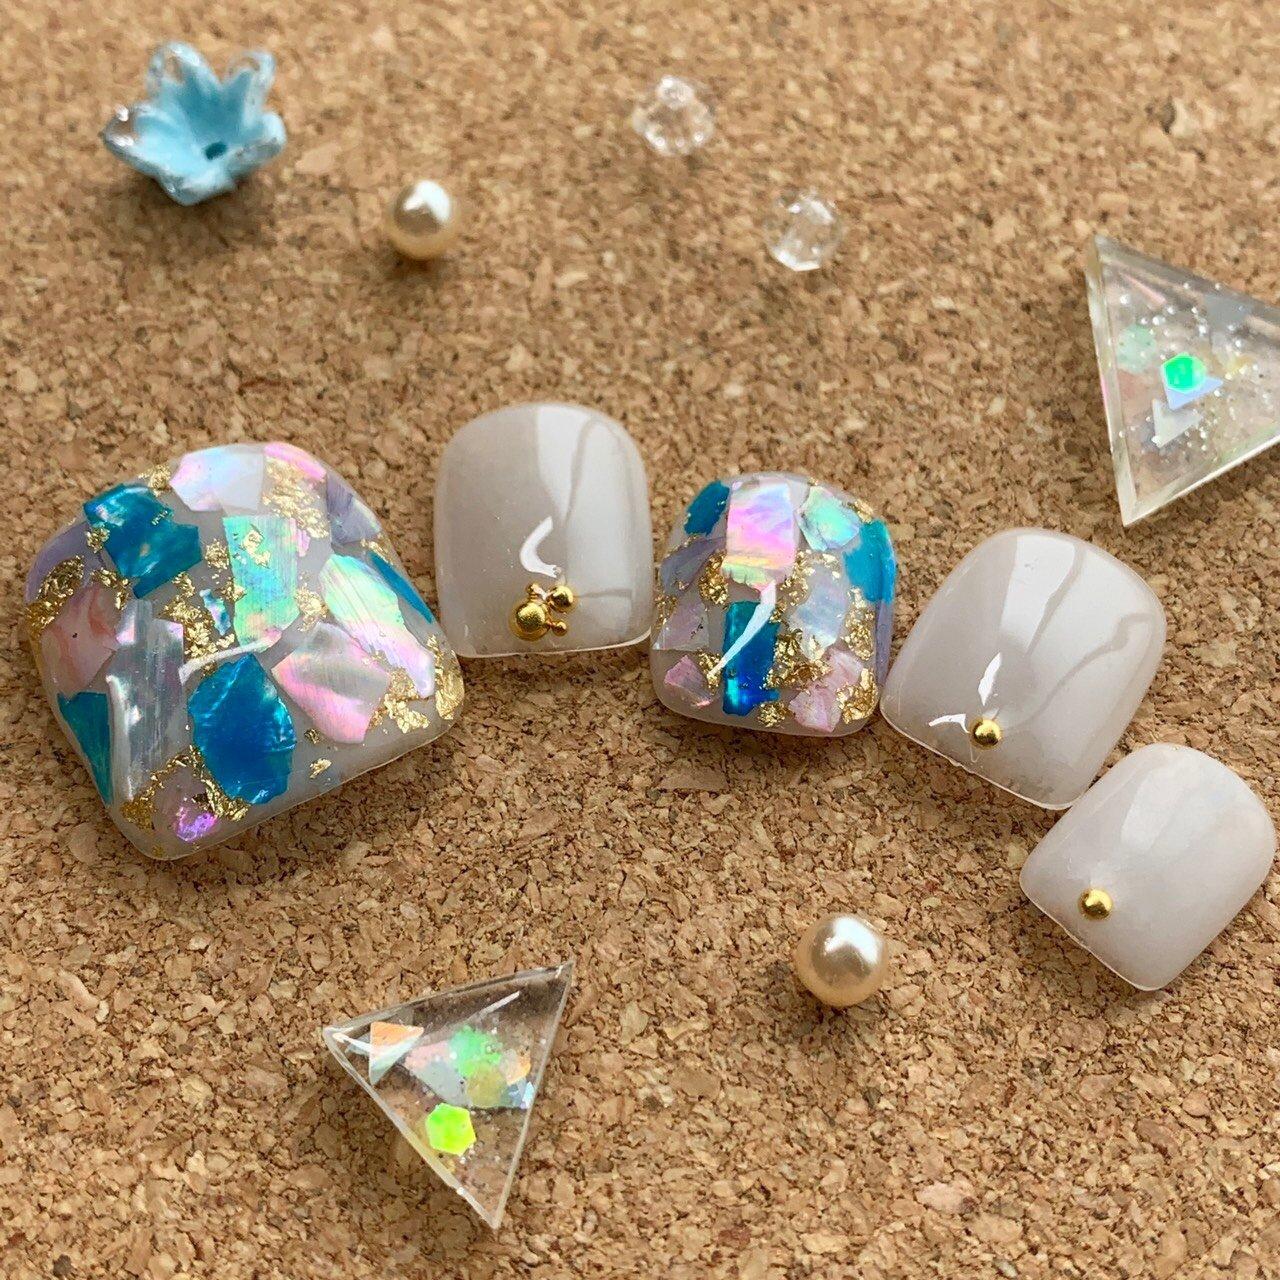 #夏 #海 #リゾート #フット #シェル #ホワイト #水色 #ブルー #ネイルチップ #Saori Inoue #ネイルブック